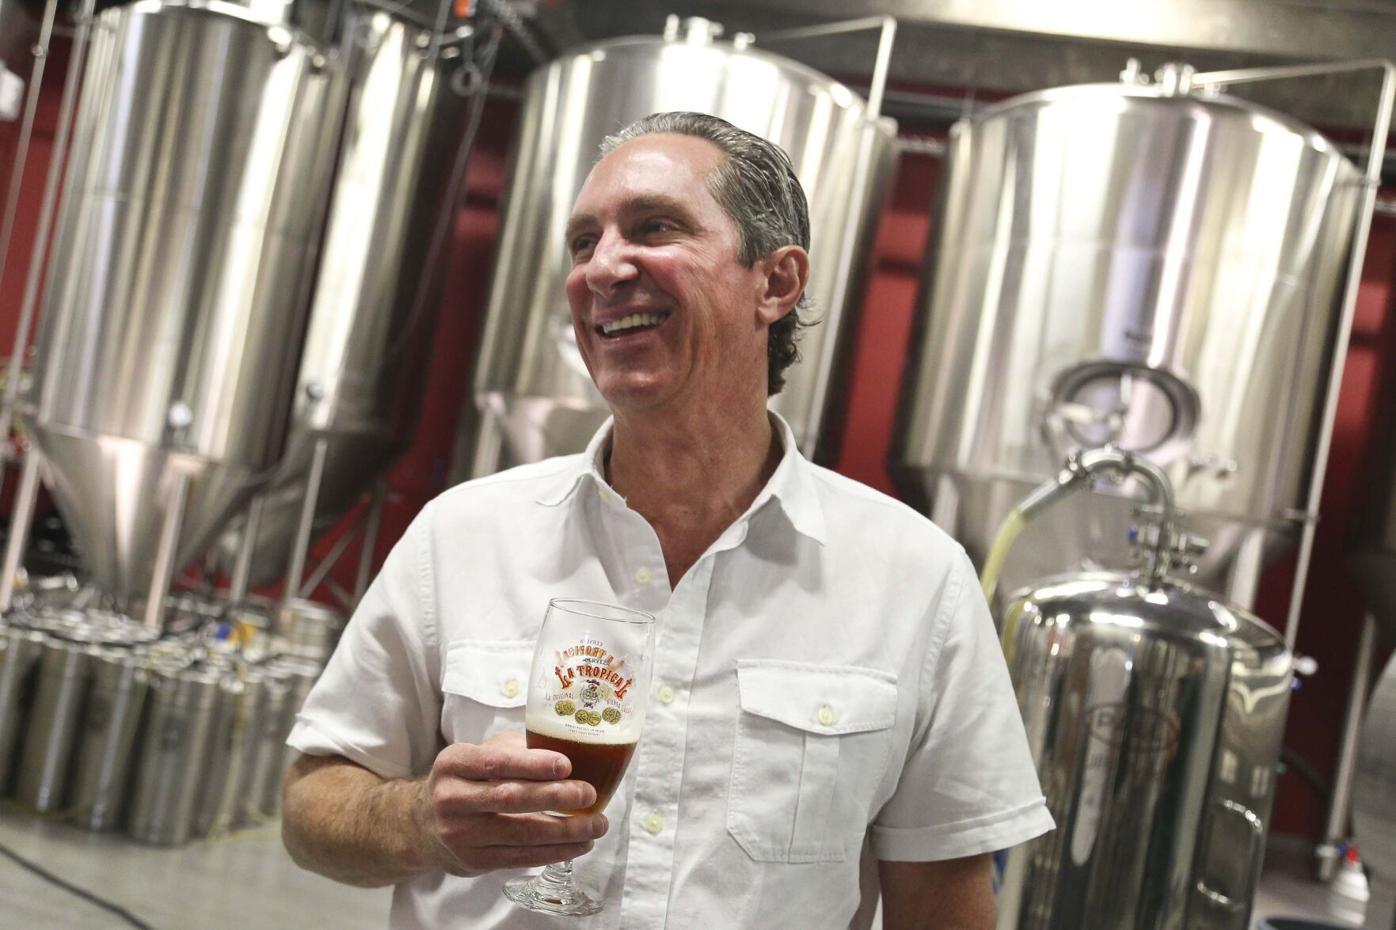 Manuel Portuondo at Concrete Beach Brewery